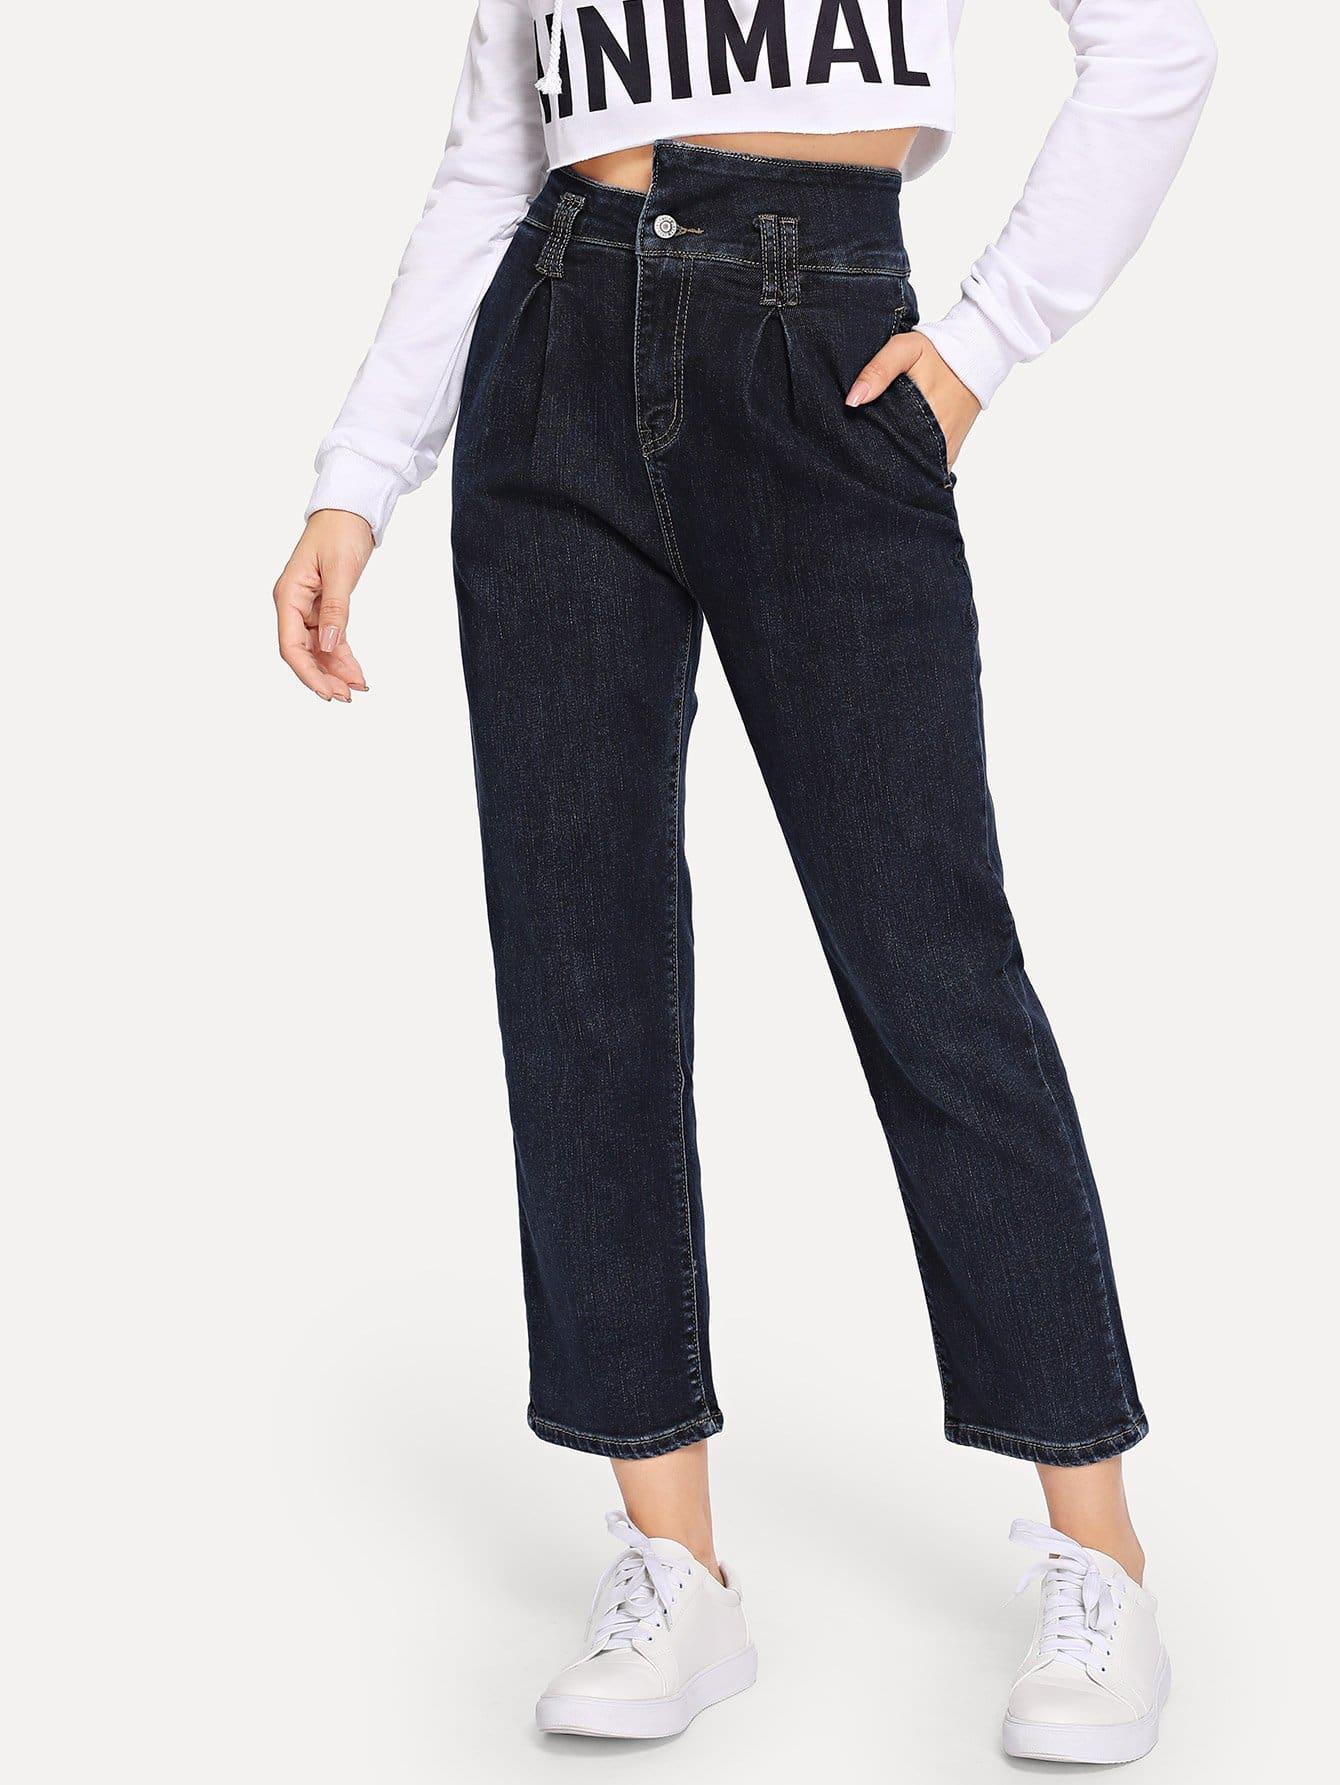 Купить Однотонные джинсы с карманами, Gabe, SheIn